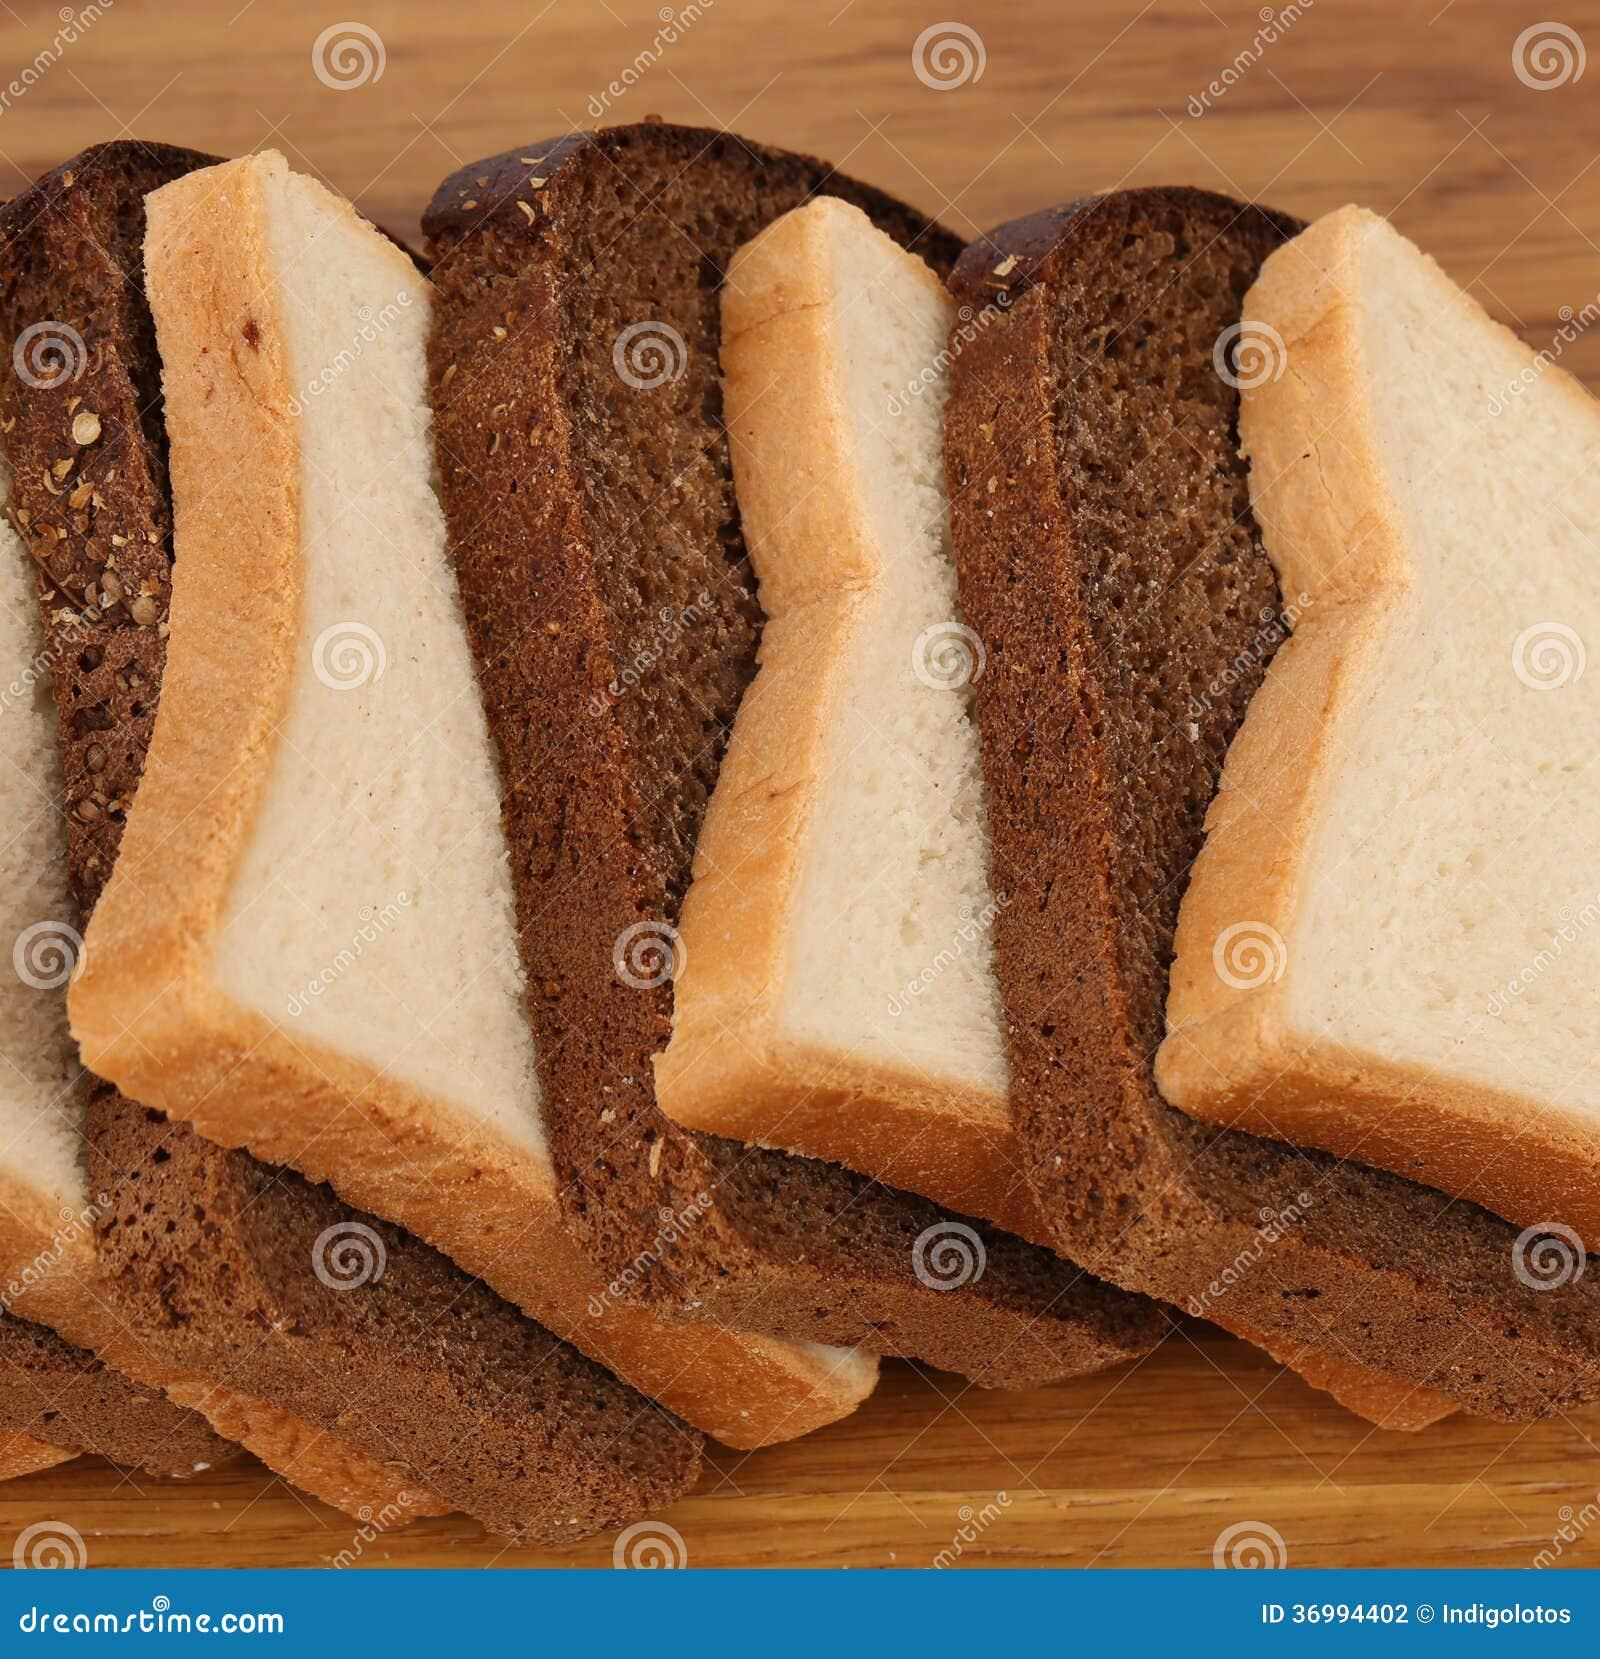 Wit En Bruin Brood Van Brood Op Houten Lijst. Stock Fotografie ...